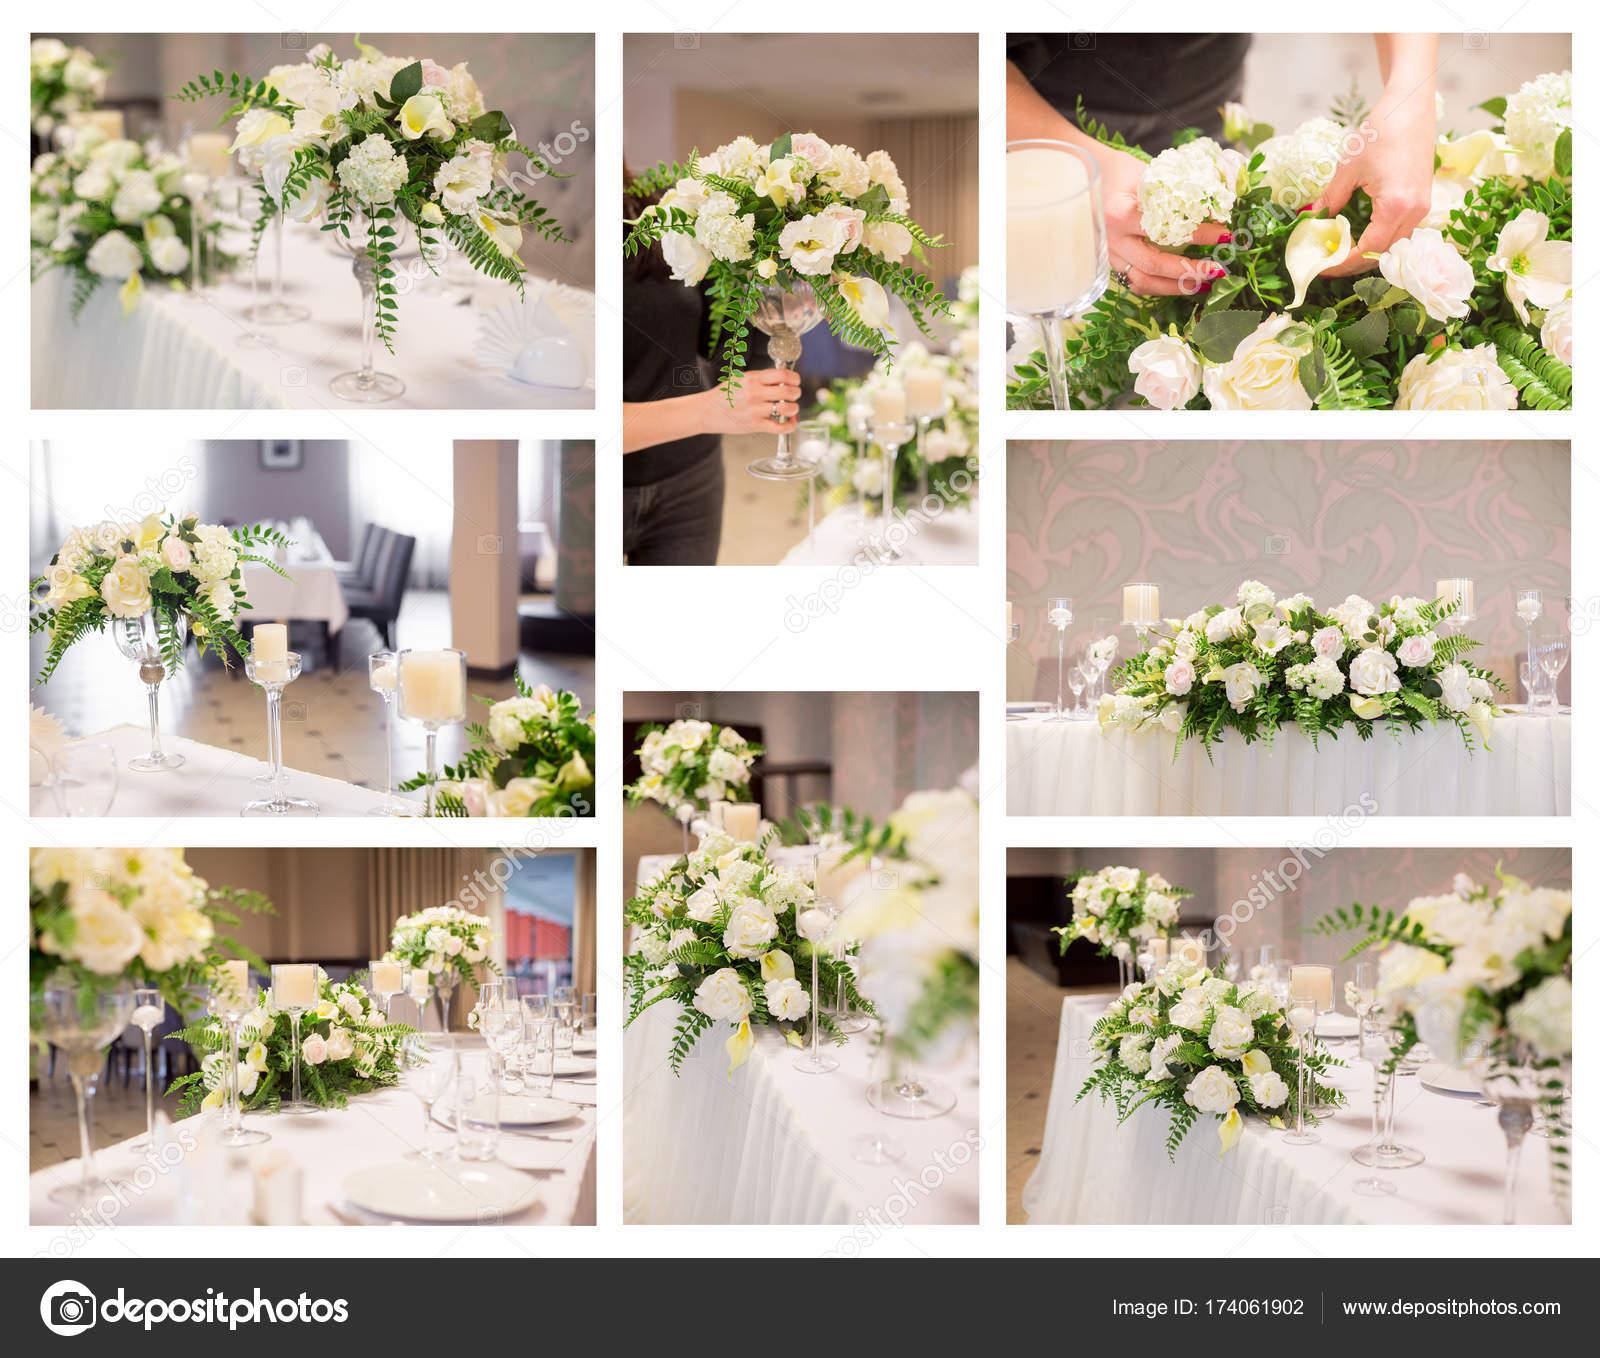 Eine Collage Von Bildern Der Hochzeit Dekor Im Innenraum Weisse